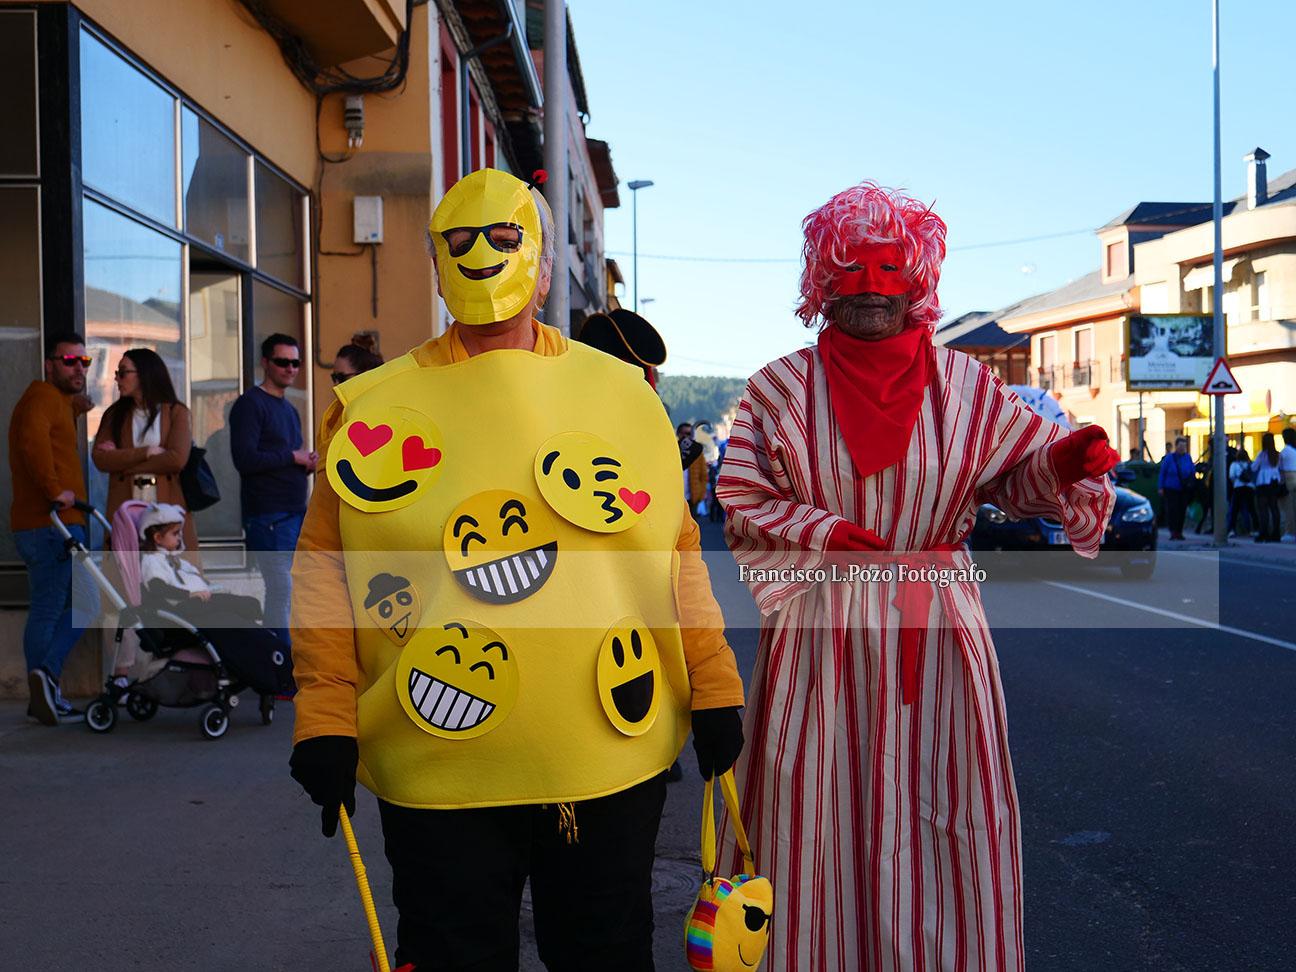 Carnaval 2020: Camponaraya sale a la calle a ritmo de comparsa 21